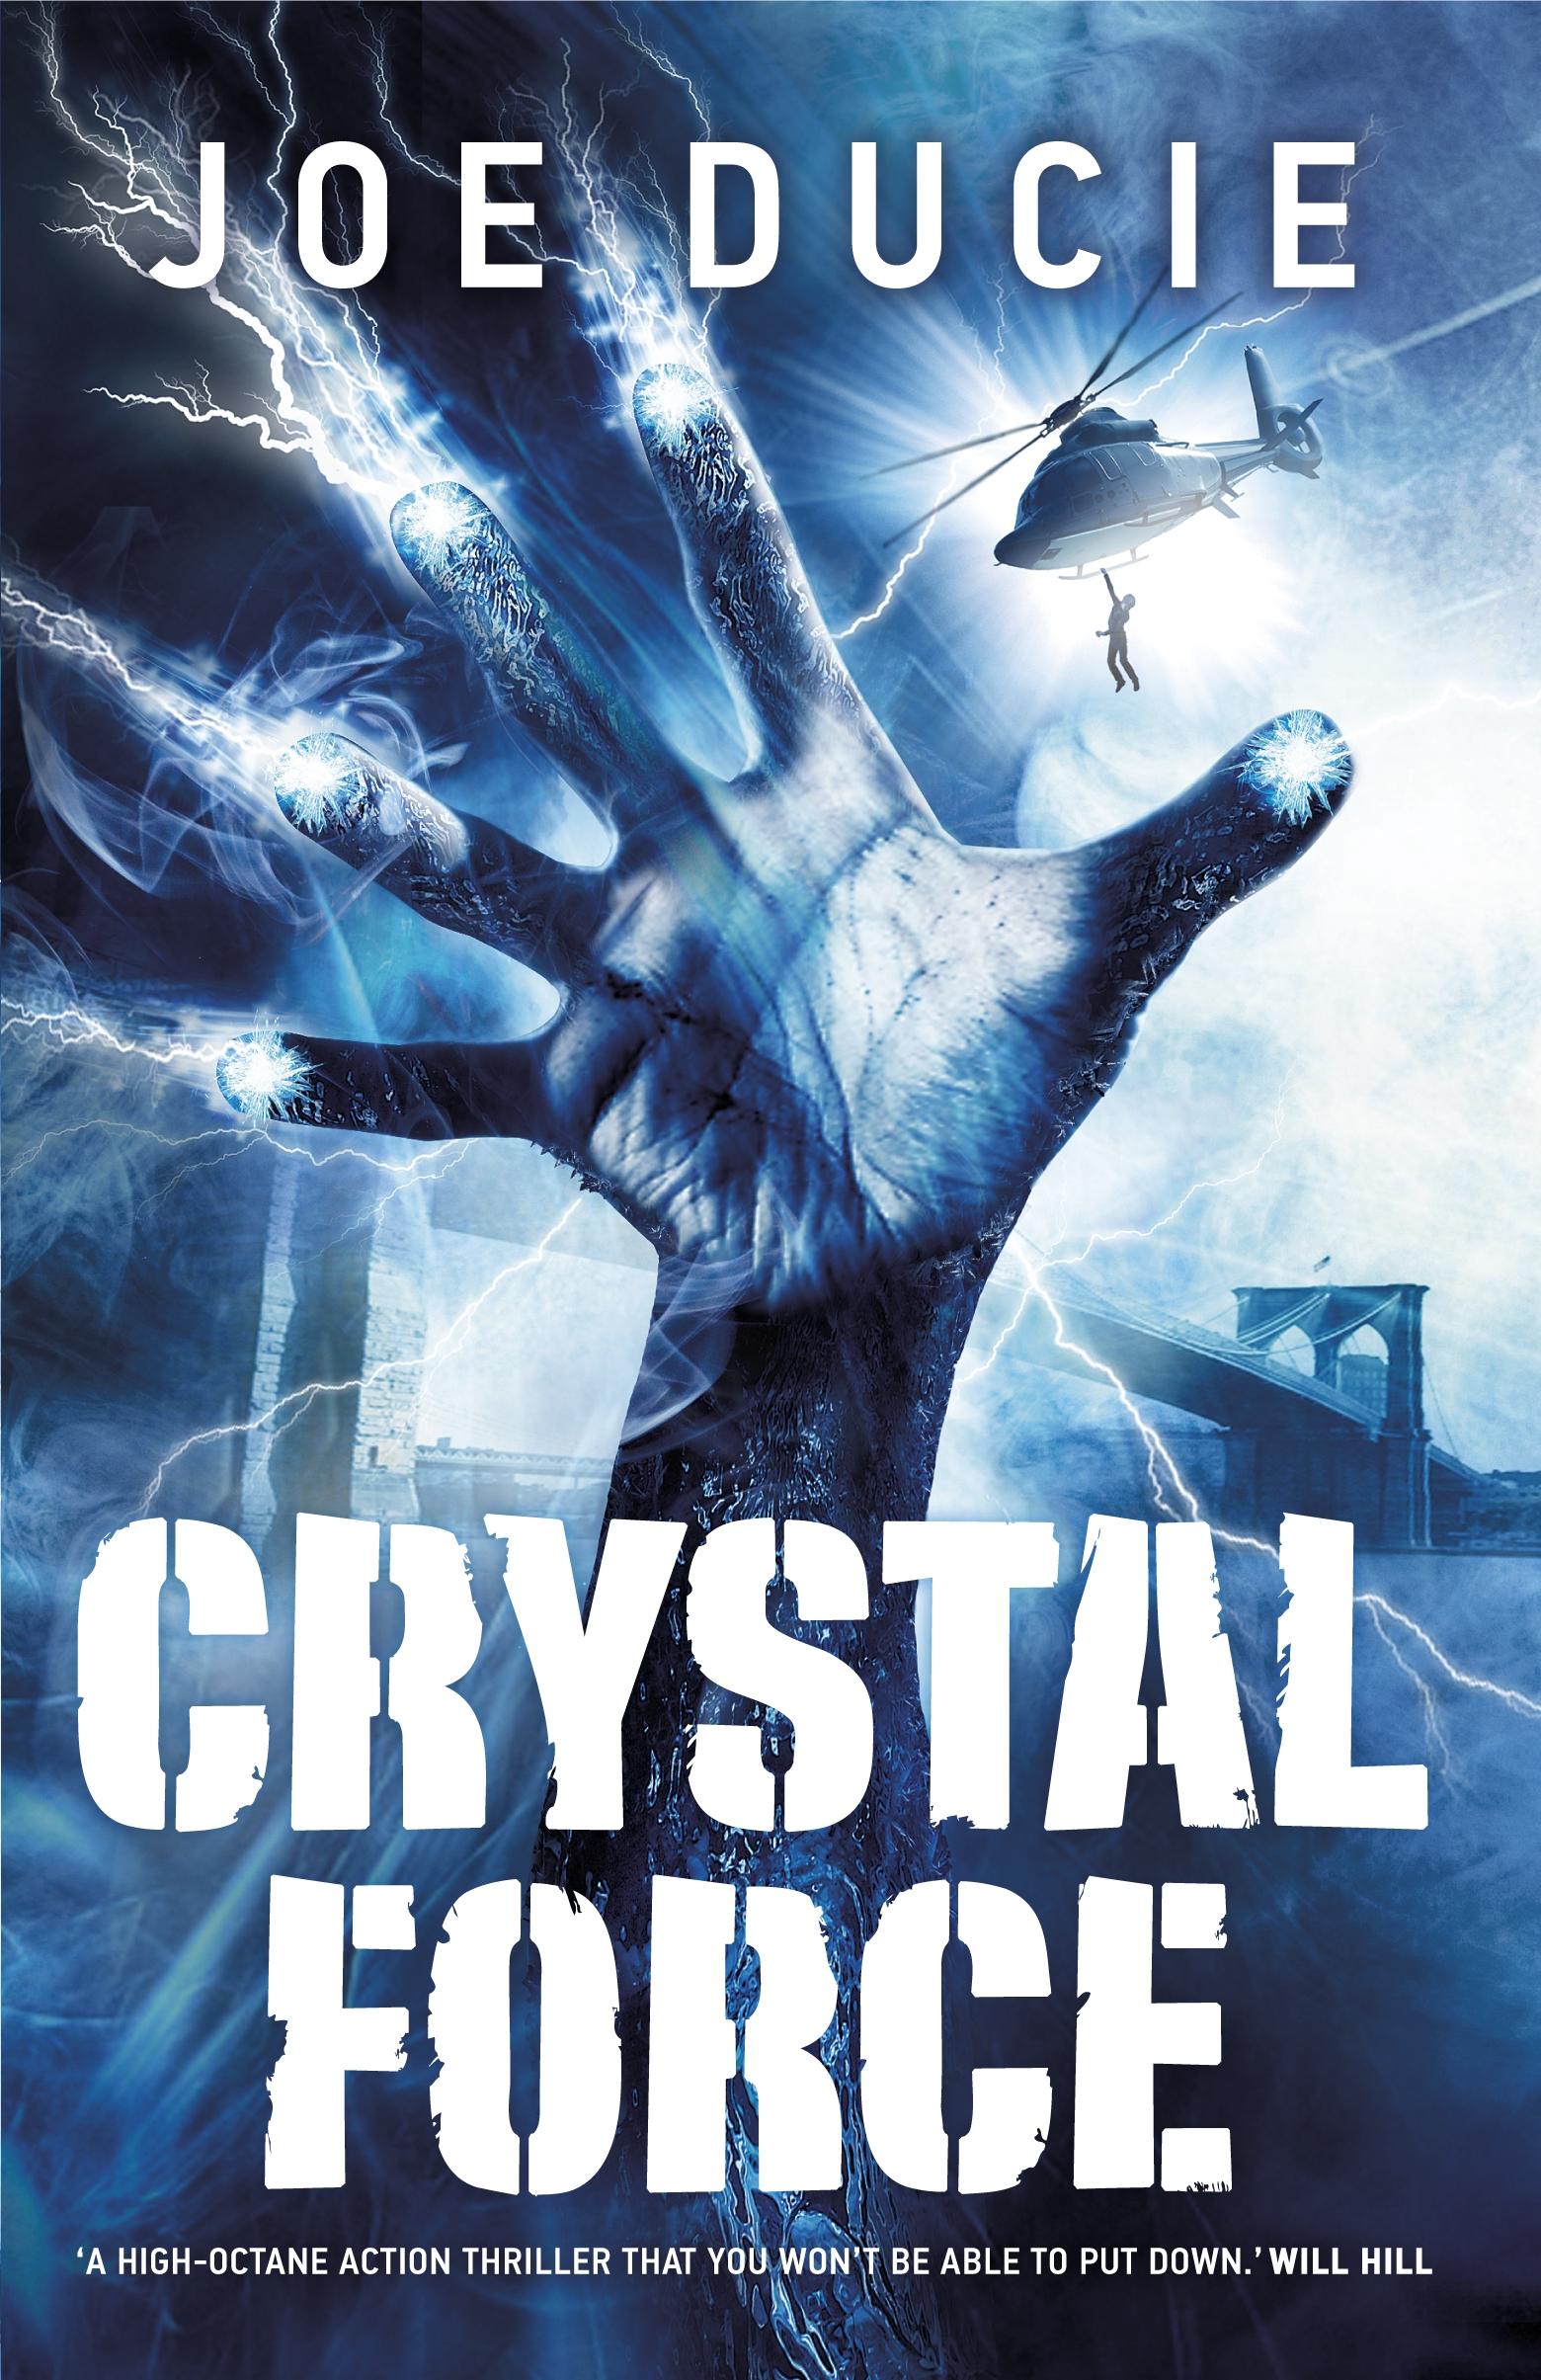 Crystal Force by Joe Ducie